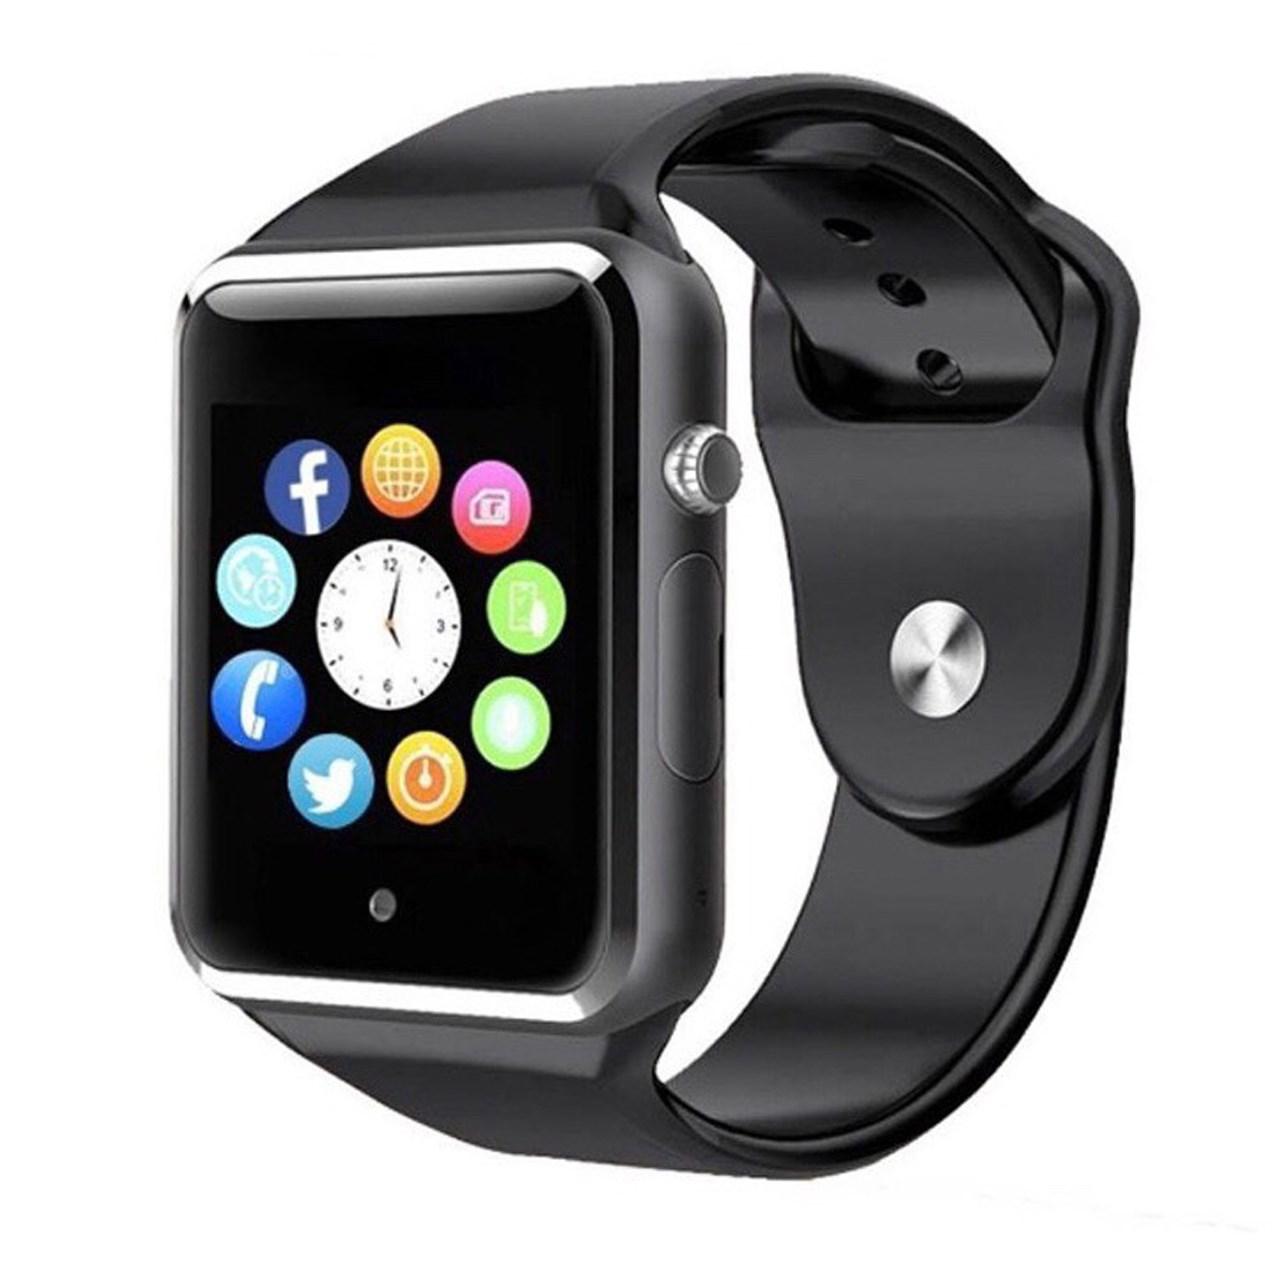 خرید ساعت هوشمند تی سریز مدل A1